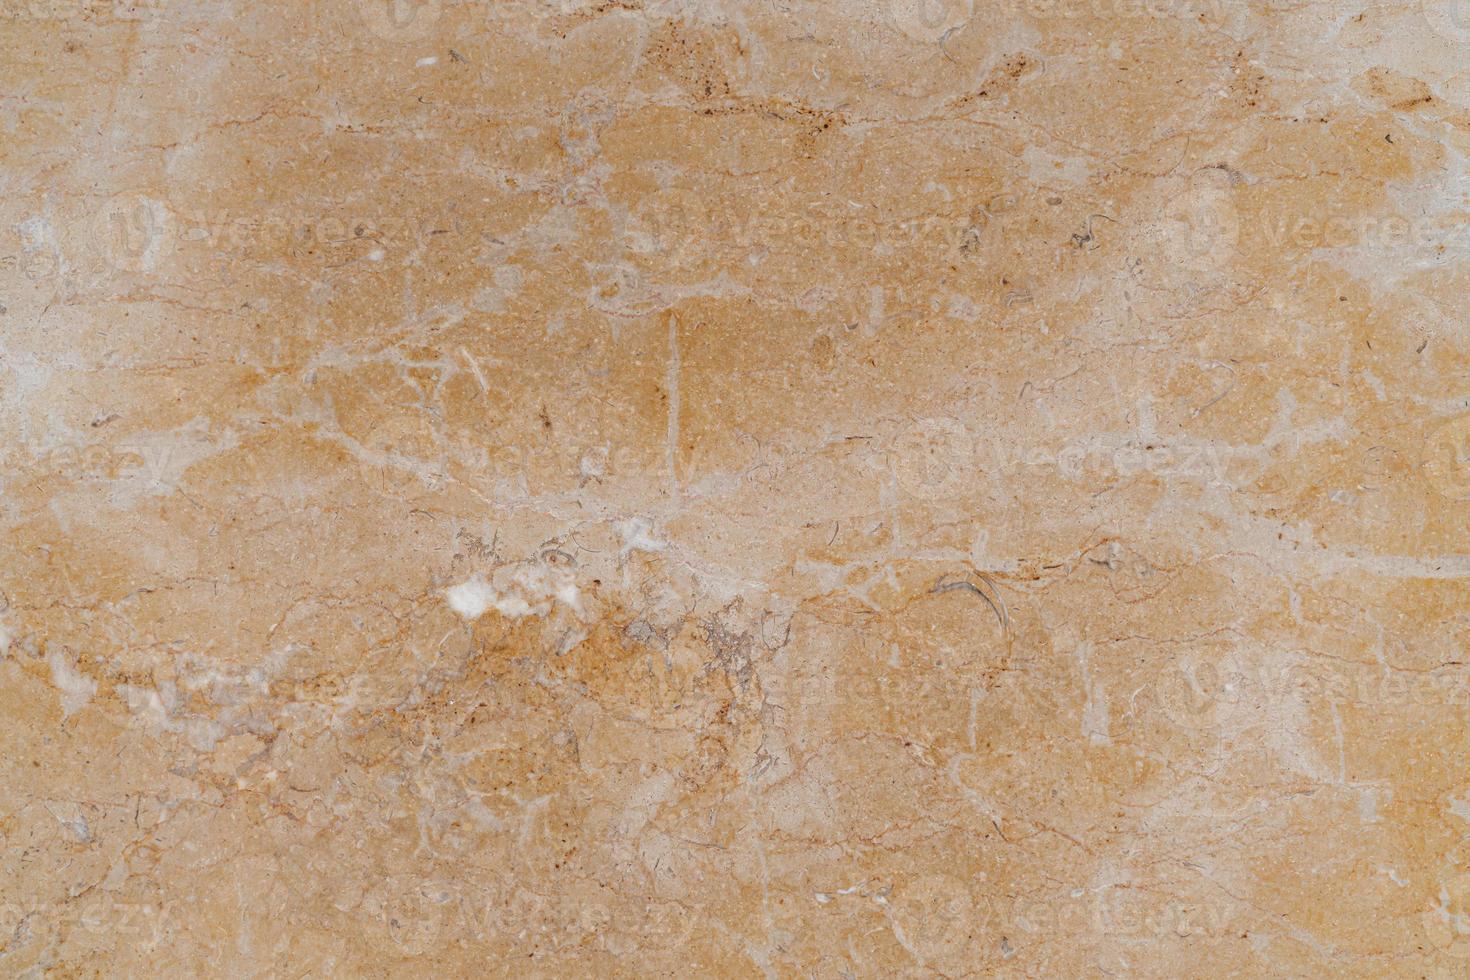 konsistens av travertin marmor foto